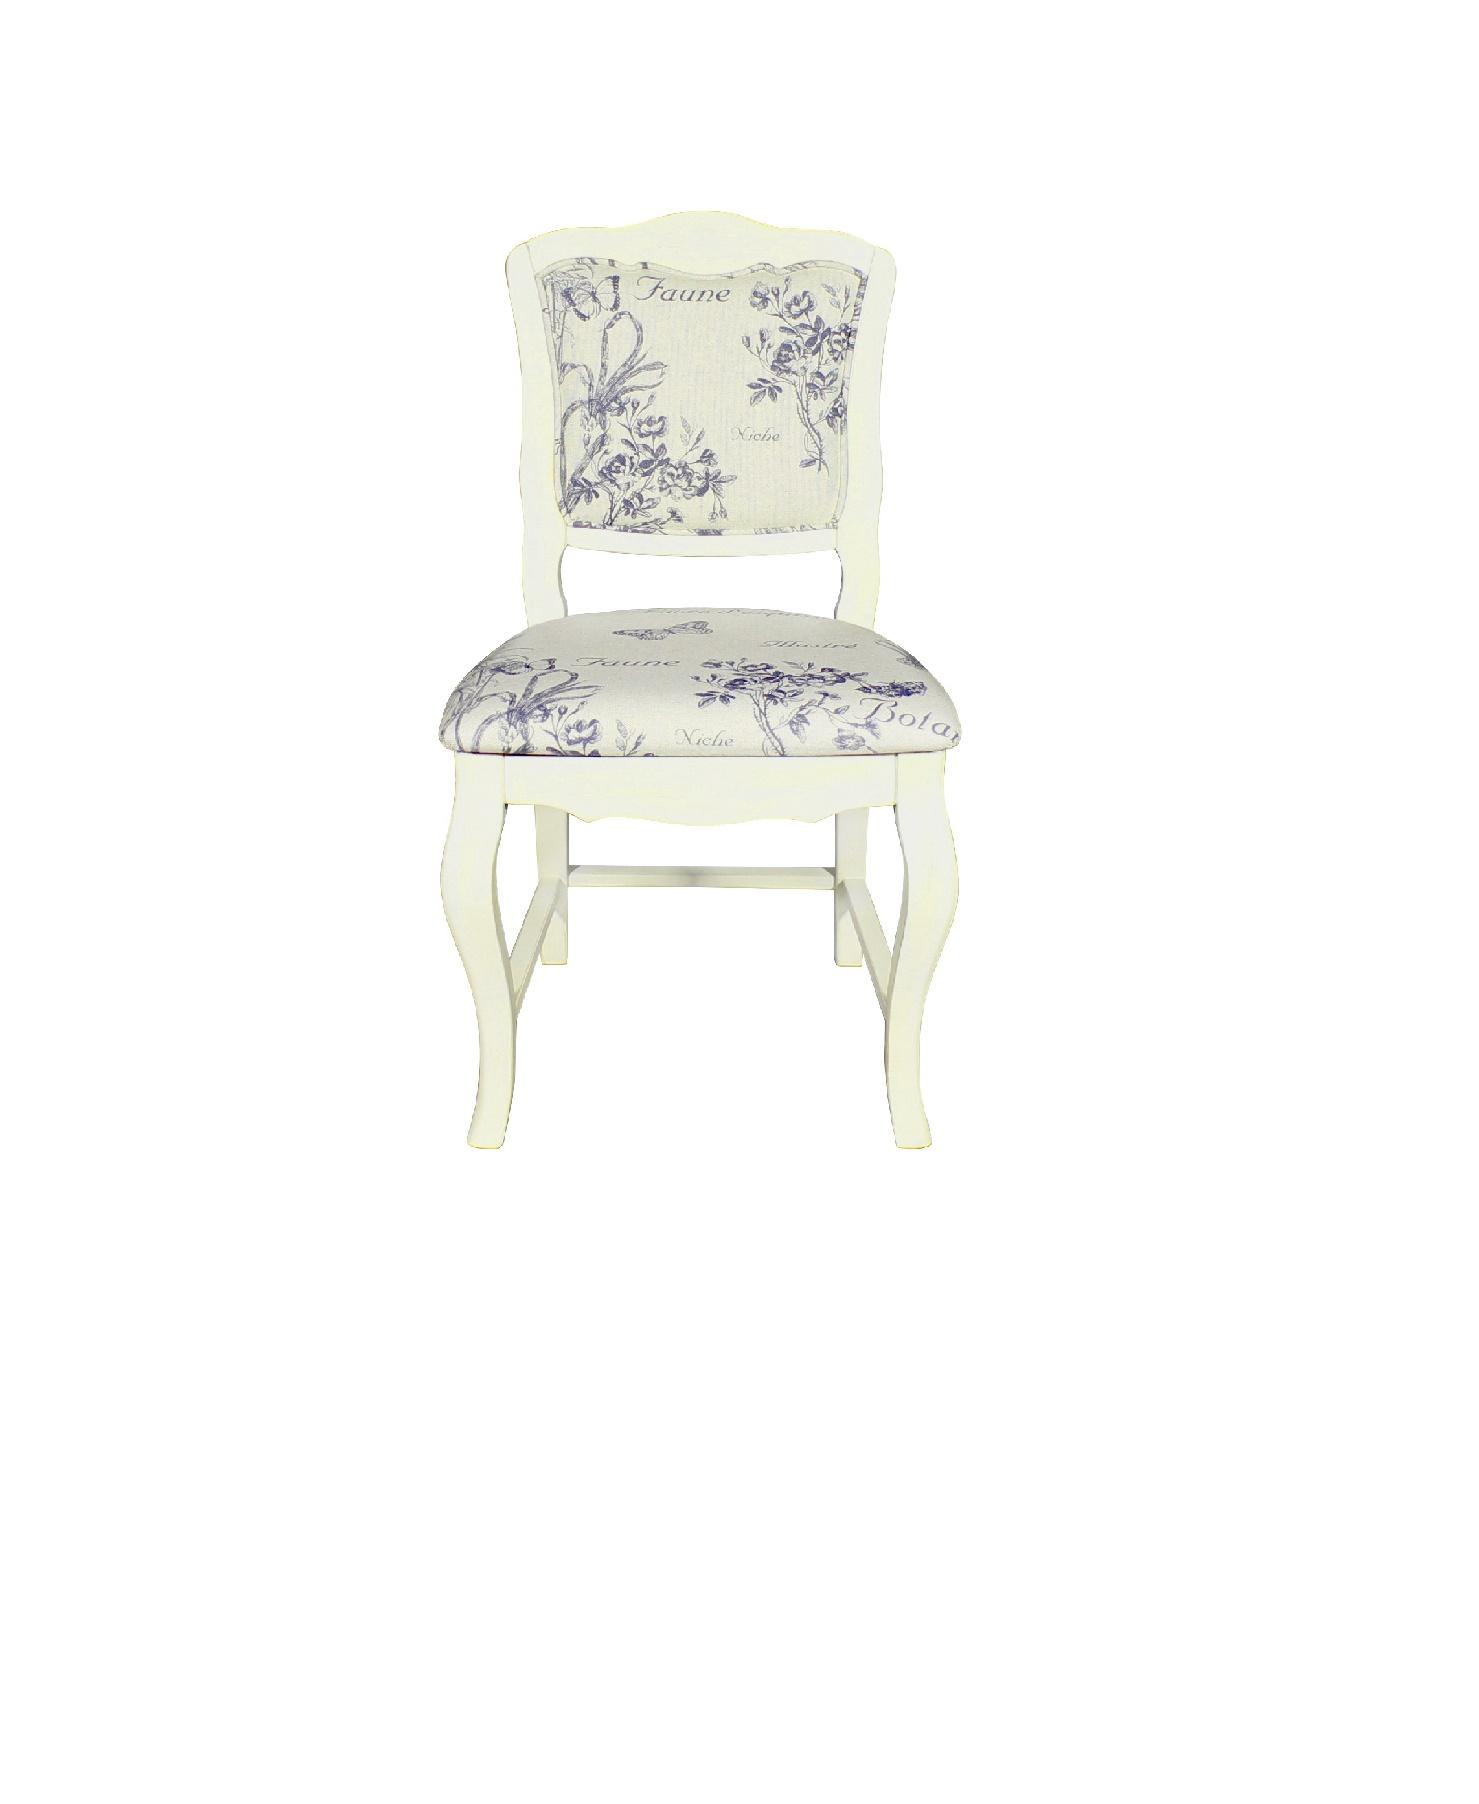 Стул Blanc bonbonОбеденные стулья<br>Стиль прованс является одним из лучших для оформления столовой. Воссоздать его в своей квартире можно с помощью стульев &amp;quot;Blanc Bonbon&amp;quot;. Удивительно элегантные, они будут дарить обеденной зоне тепло домашнего уюта. Благодаря такой мебели находиться в комнате будет очень приятно, из-за чего столовая сможет стать любимым местом сбора всей семьи.&amp;amp;nbsp;&amp;lt;div&amp;gt;&amp;lt;br&amp;gt;&amp;lt;/div&amp;gt;&amp;lt;div&amp;gt;Материал: массив березы, полиэстер&amp;lt;/div&amp;gt;<br><br>Material: Текстиль<br>Ширина см: 46<br>Высота см: 91<br>Глубина см: 46